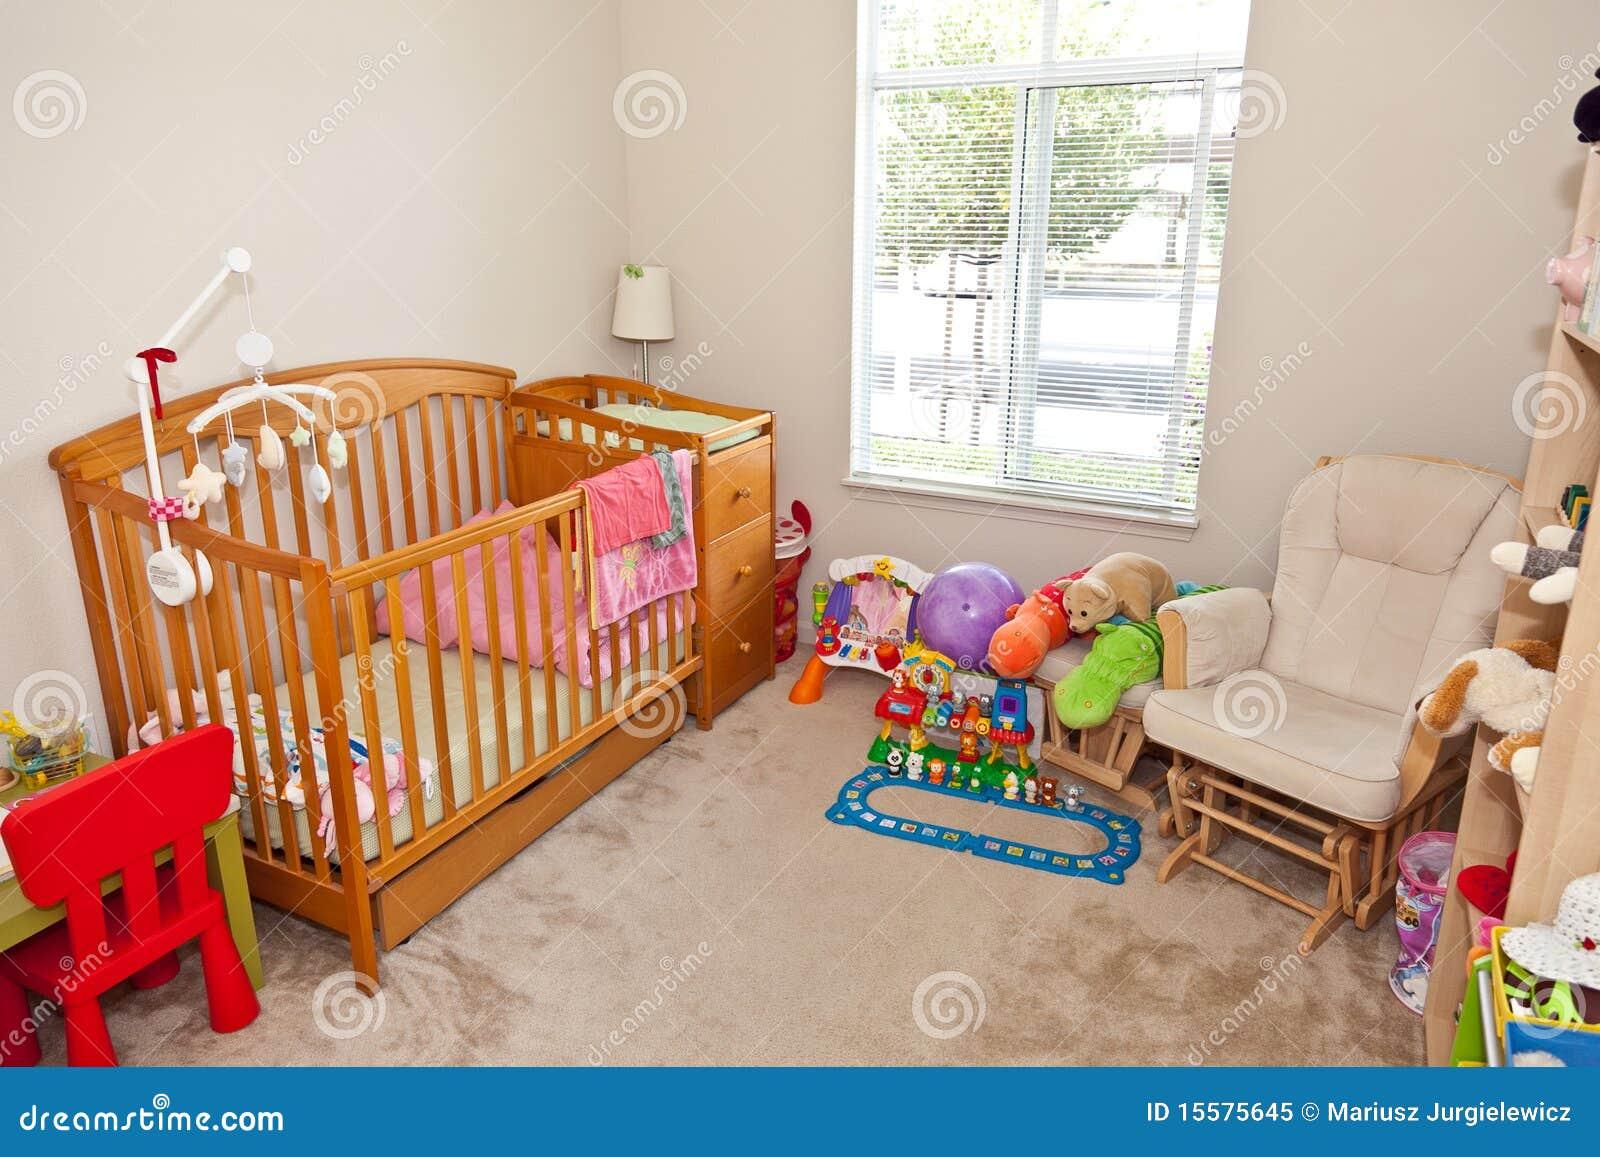 De slaapkamer van het kind royalty vrije stock foto afbeelding 15575645 - Foto van volwassen slaapkamer ...